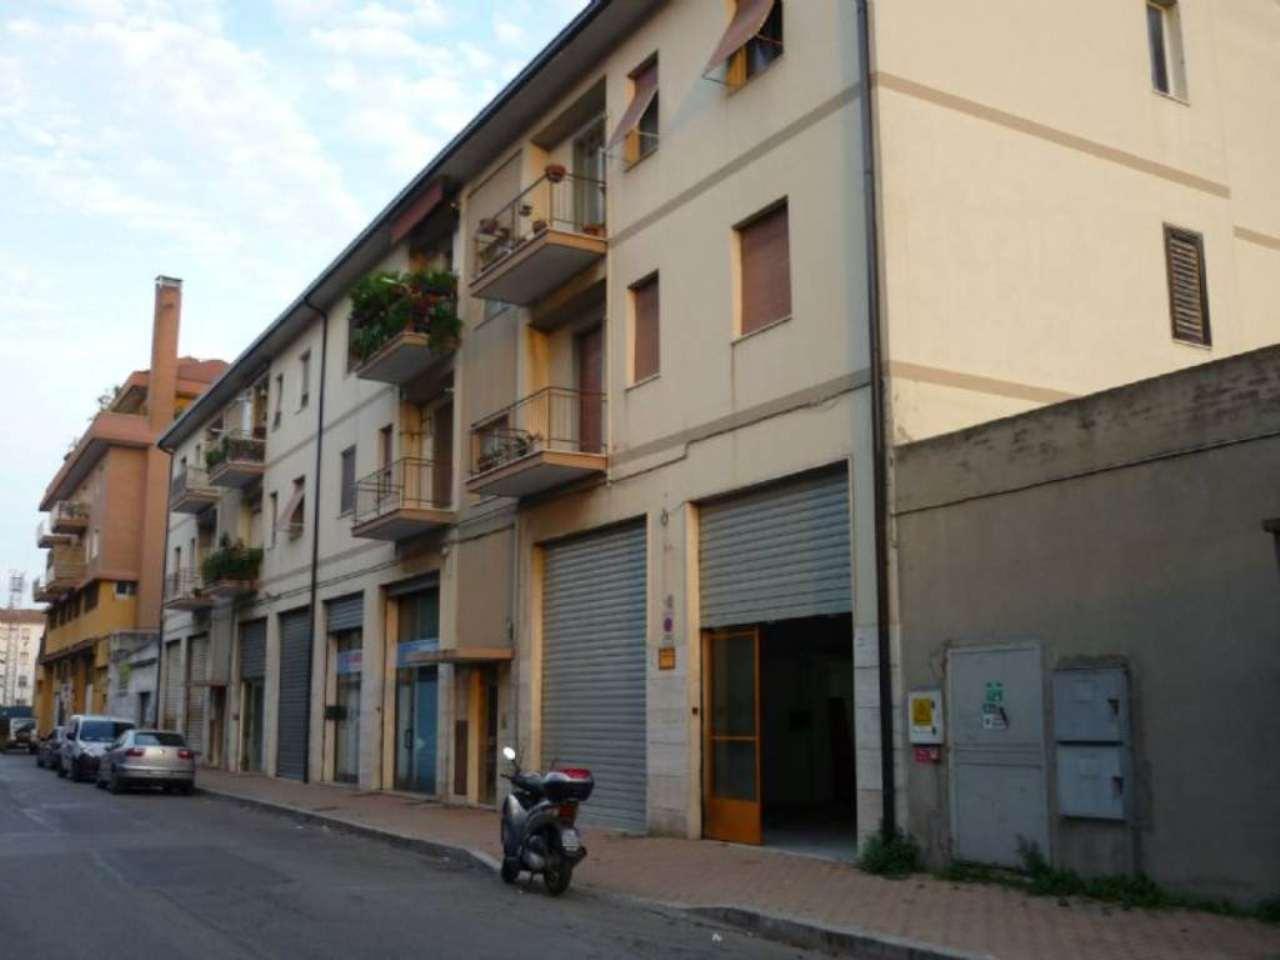 Laboratorio in affitto a Pescara, 3 locali, prezzo € 700 | Cambio Casa.it